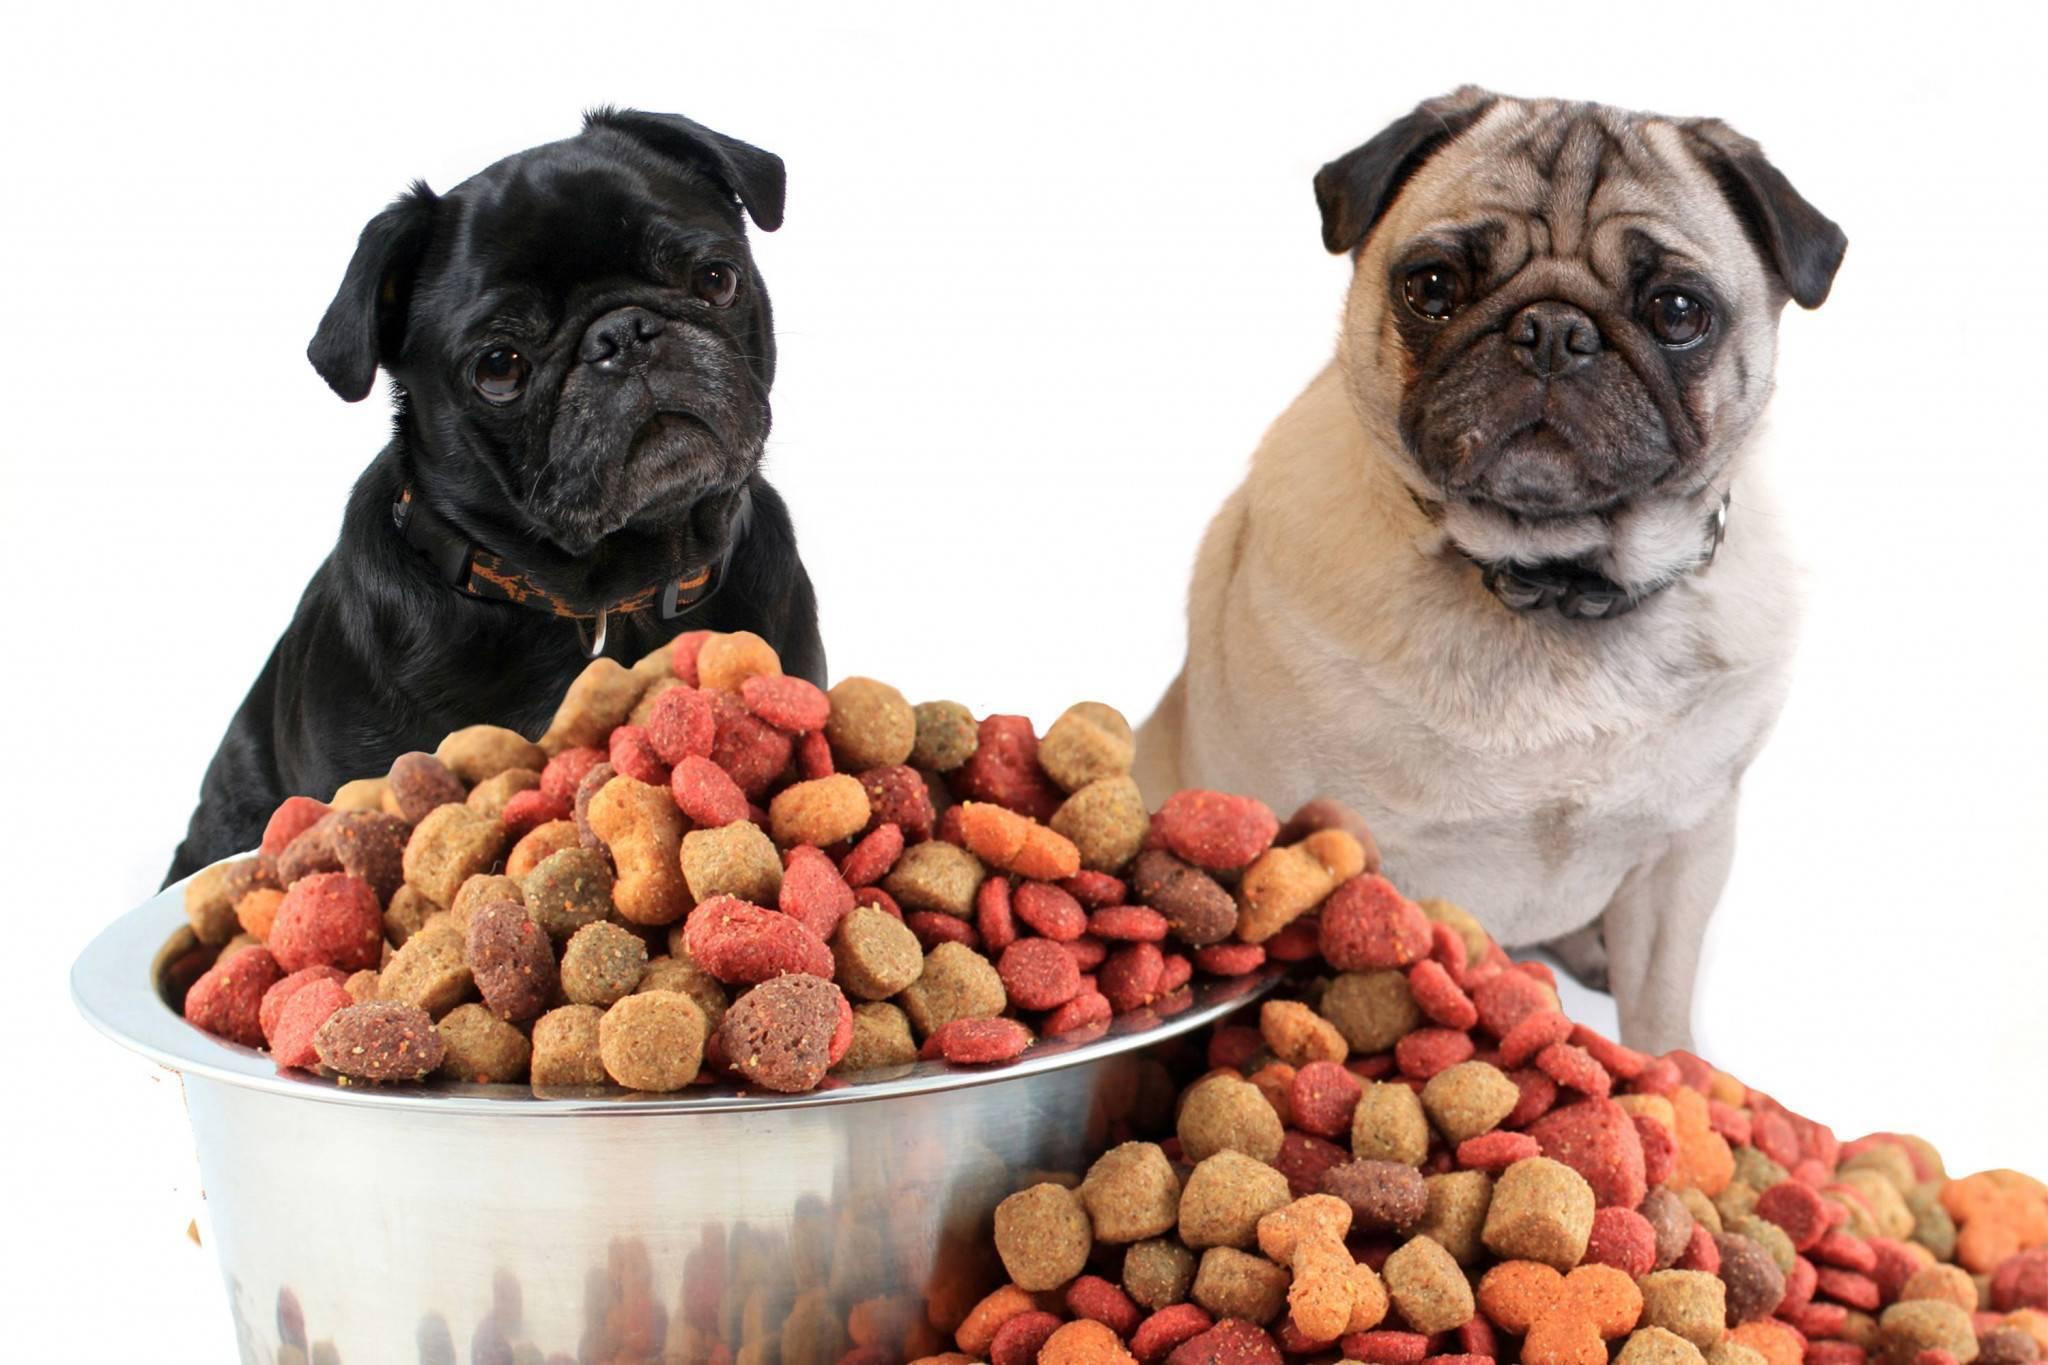 10 лучших сухих кормов для мопса | dog-care - журнал про собак